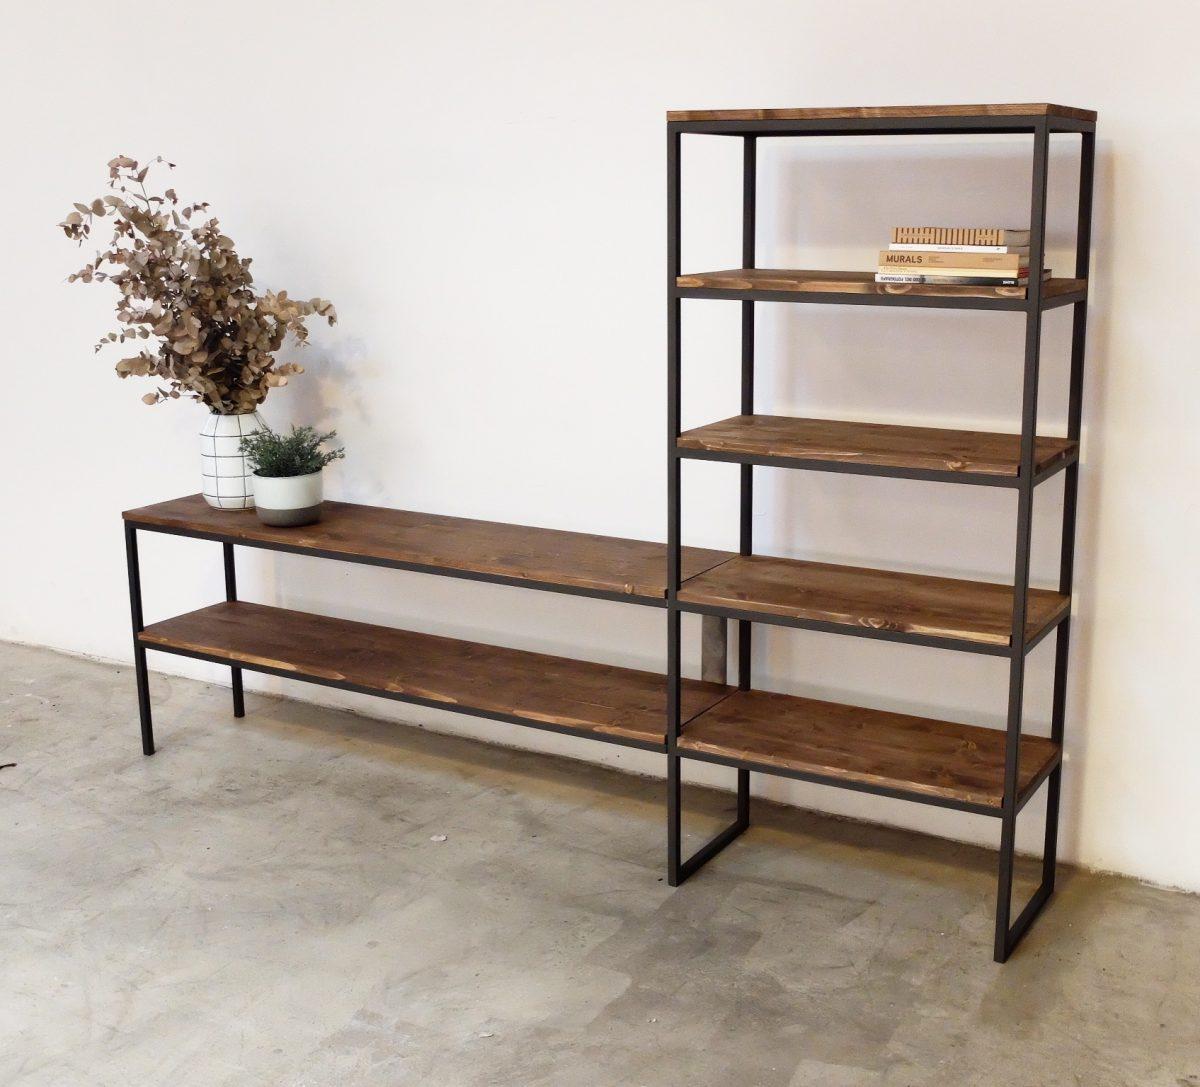 Muebles de hierro y madera muebles pas de amrica madera - Muebles de madera y hierro ...